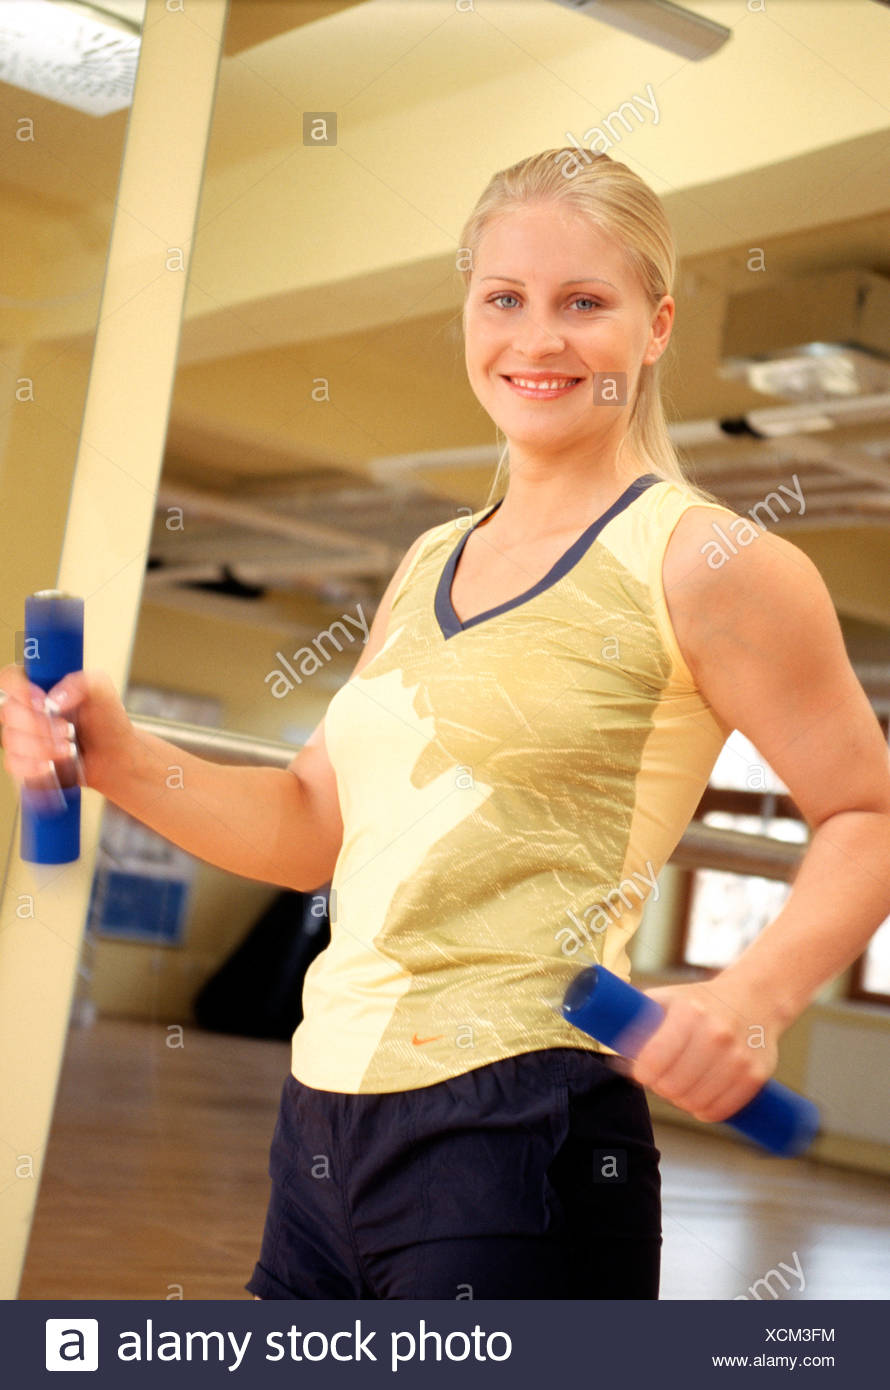 Femme à la formation de sport Photo Stock